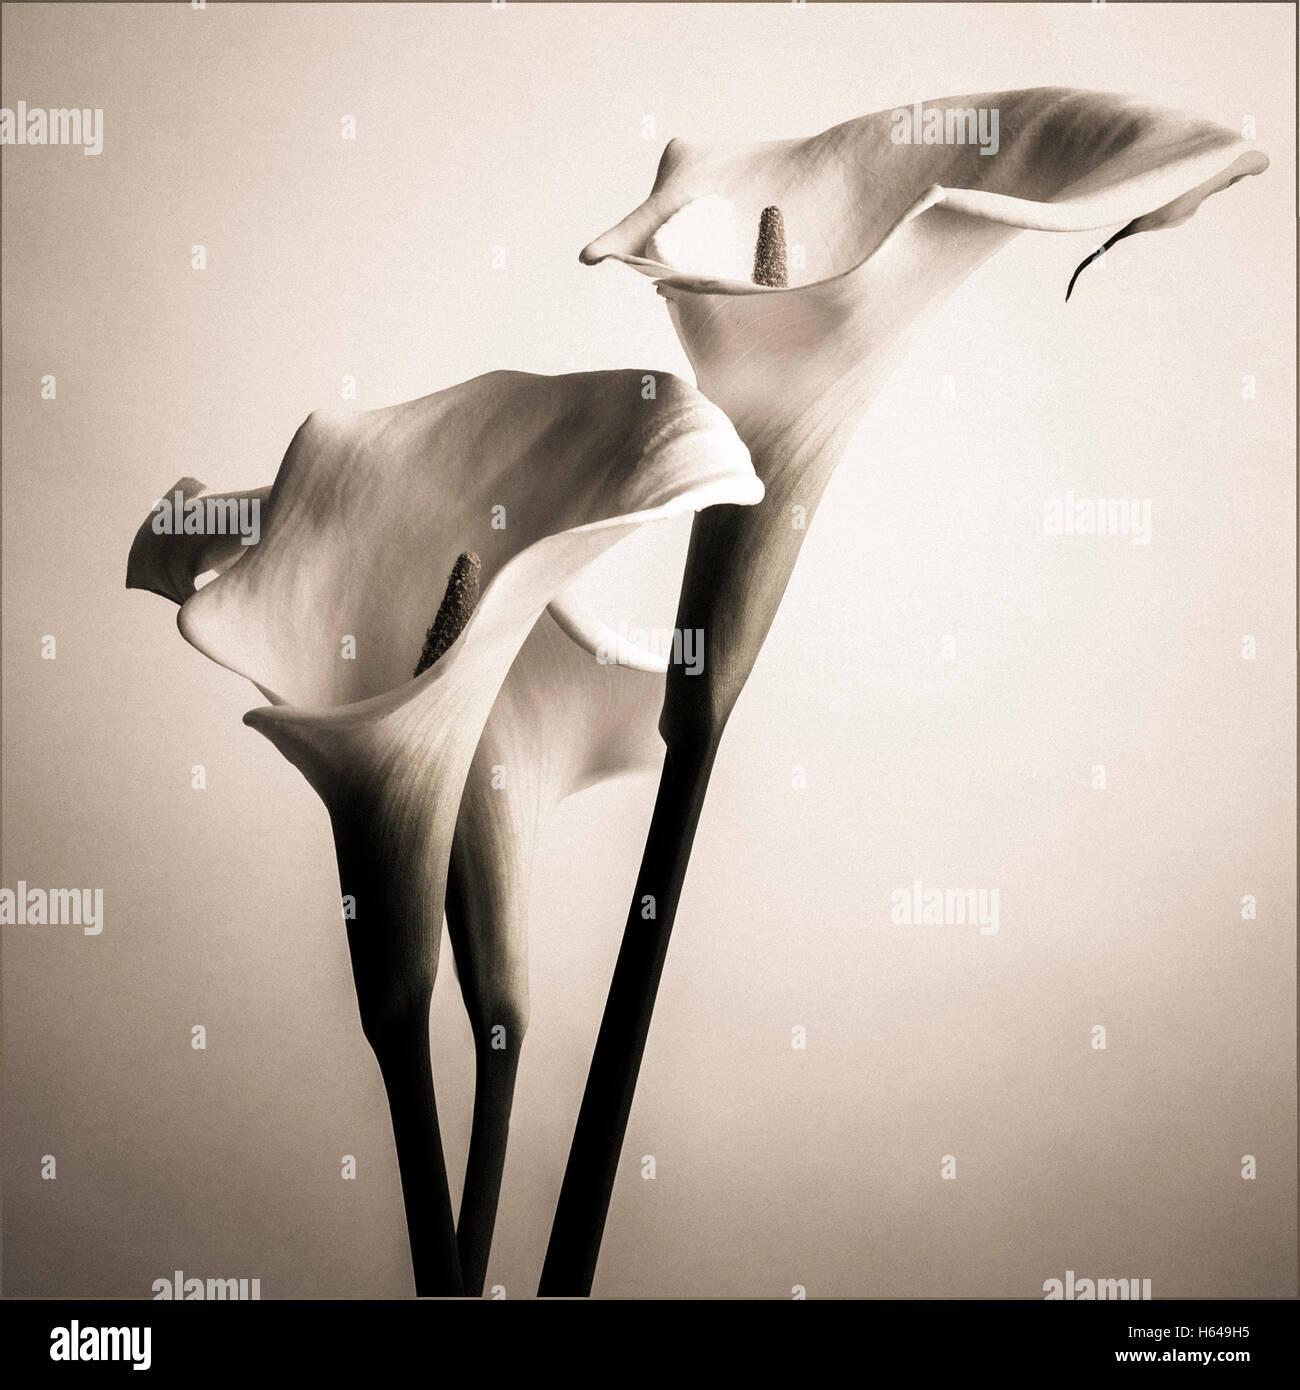 Arum lily flowers, vintage-look - Stock Image